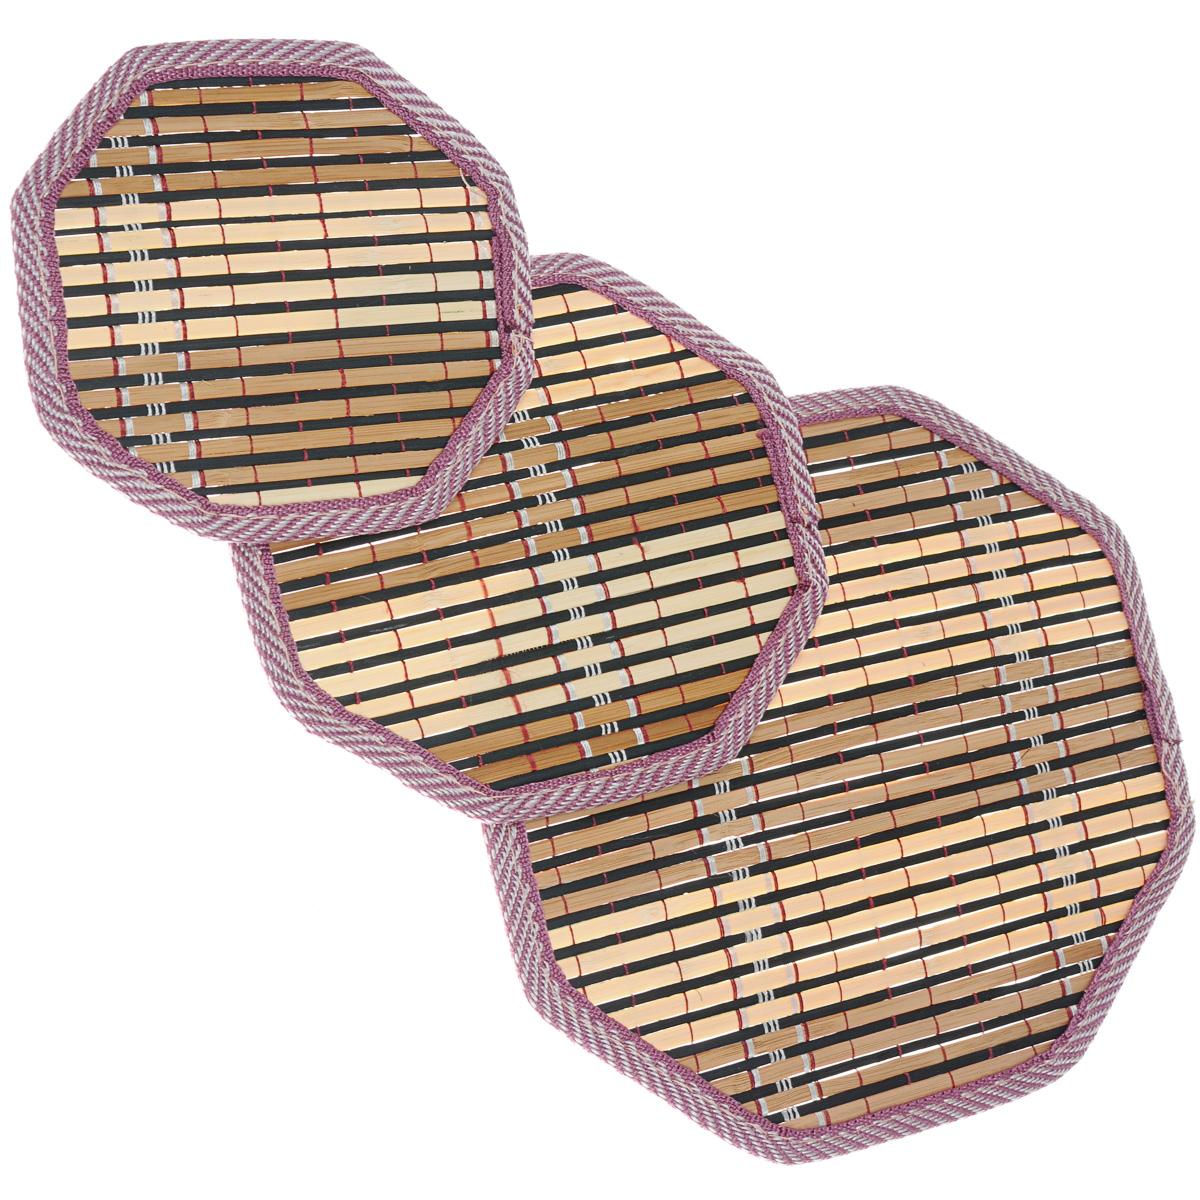 Набор салфеток под горячее Dommix, цвет: коричневый, 3 штOW045Набор Dommix, состоящий из 3 бамбуковых салфеток под горячее, идеально впишется в интерьер современной кухни. Салфетки из бамбука не впитывают запахи, легко моются, не деформируются при длительном использовании. Бамбук обладает антибактериальными и водоотталкивающими свойствами. Также имеют высокую прочность. Каждая хозяйка знает, что салфетка под горячее - это незаменимый и очень полезный аксессуар на каждой кухне. Ваш стол будет не только украшен оригинальной салфеткой, но и сбережен от воздействия высоких температур ваших кулинарных шедевров. Размер маленькой салфетки: 15,5 см х 15 см х 0,2 см. Размер средней салфетки: 17,5 см х 18,5 см х 0,2 см. Размер большой салфетки: 24 см х 24,5 см х 0,2 см.